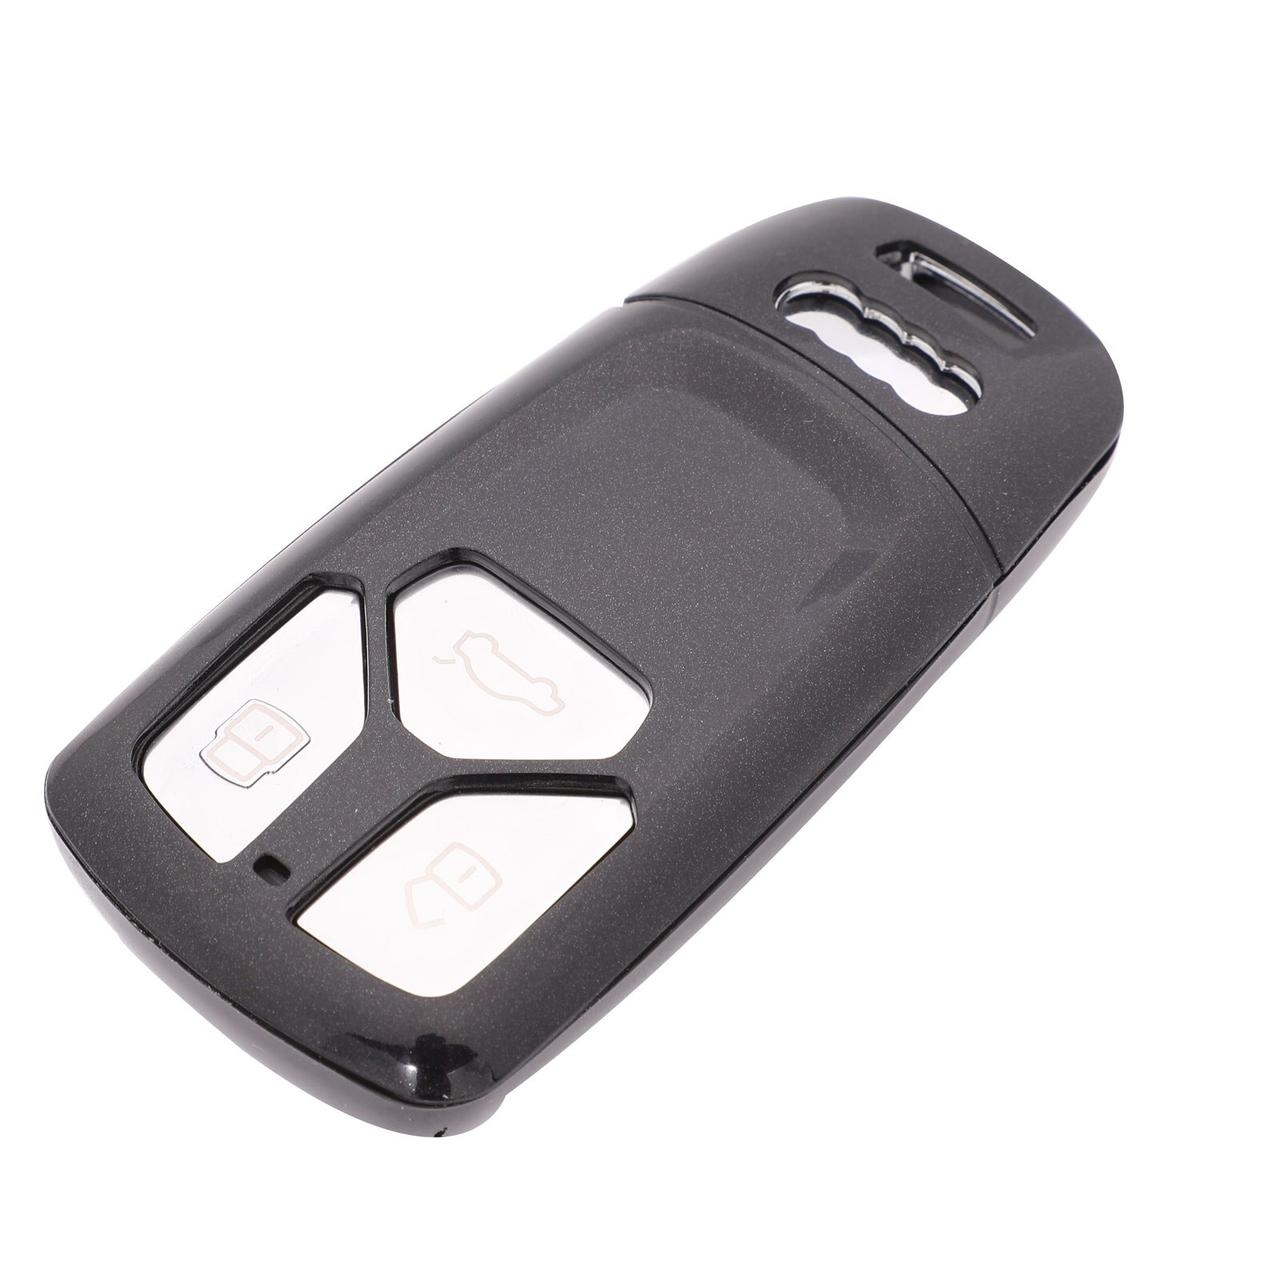 Пластиковый чехол для ключа Audi A1,A3,A4,A5,A6,A6 ALLROAD QUATTRO,A7,A8,Q2,Q3,Q5,Q7,Q8,R8,RS Q3,RS3,RS4,RS5